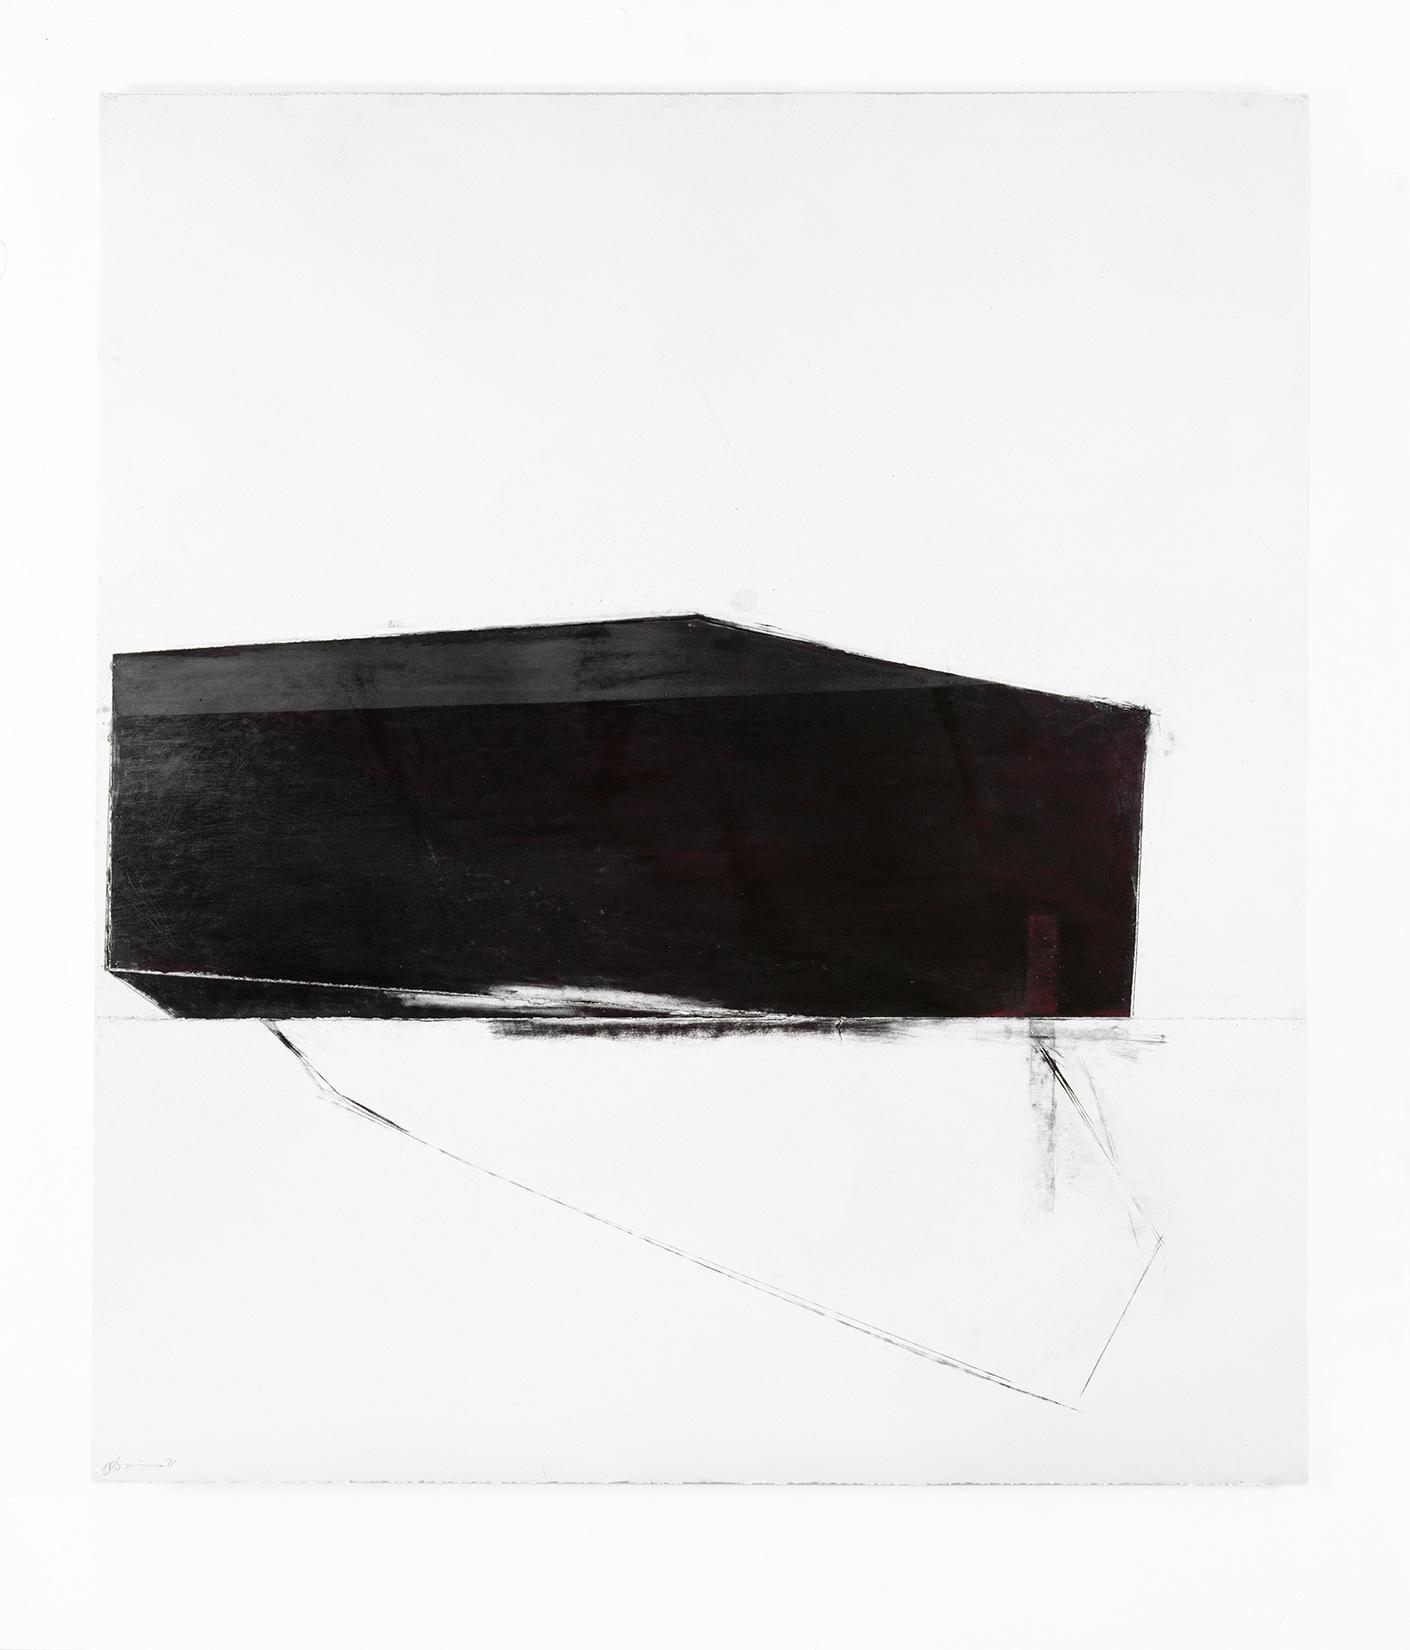 Malgré la nuit II  (1991)   Techniques mixes et papier collé sur papier Stonehenge, 145.5 x 127 cm, collection du Musée des beaux-arts du Canada. photo : Richard-Max Tremblay